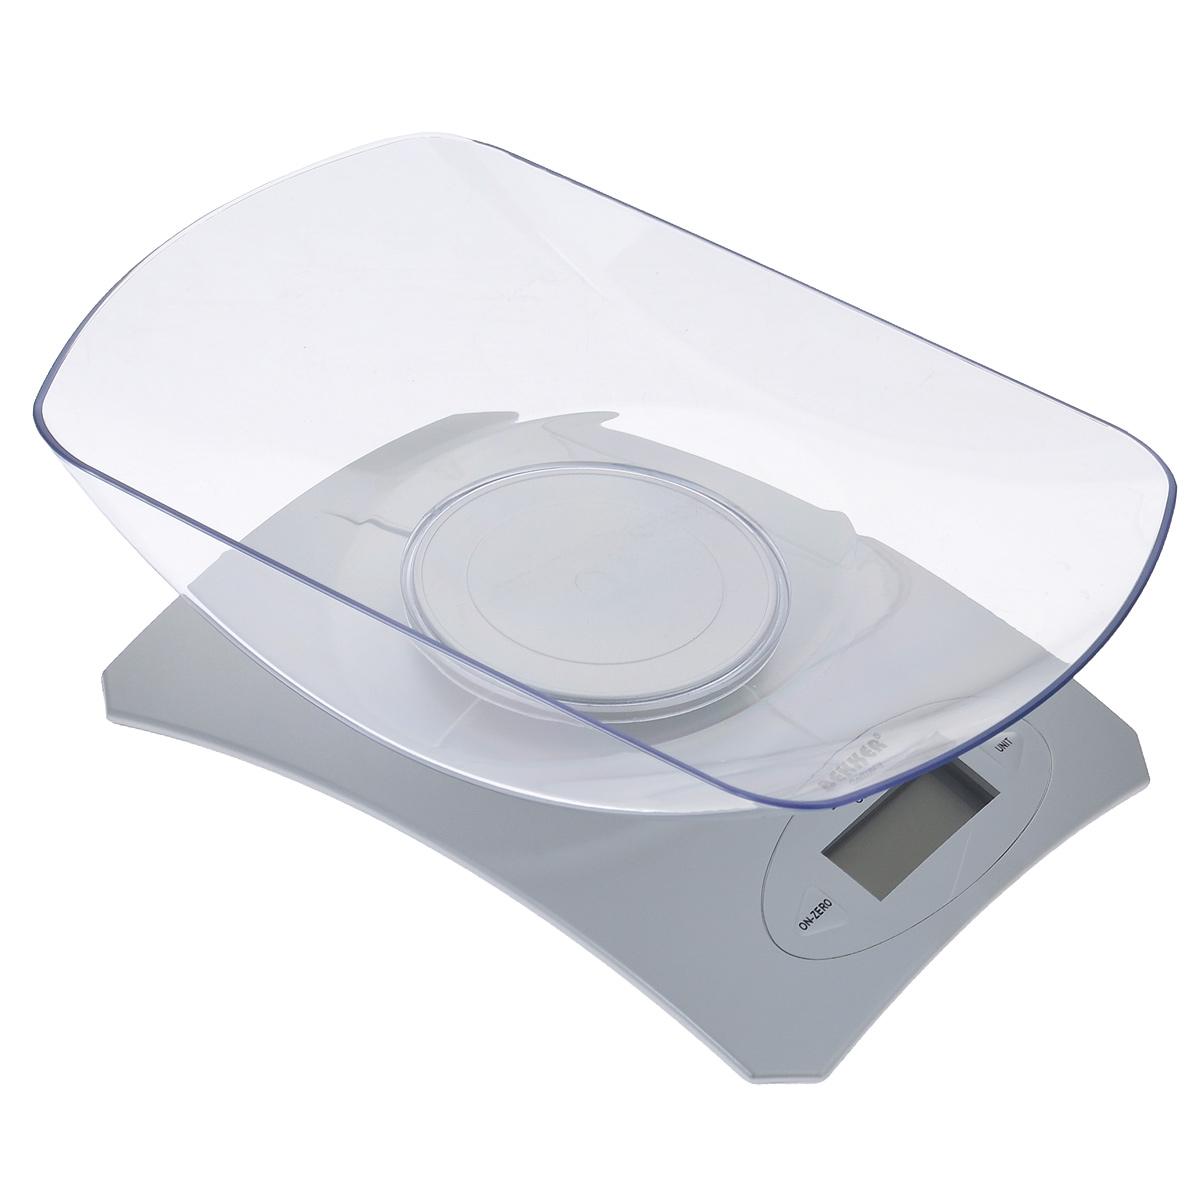 Весы кухонные Bekker, электронные, до 5 кгBK-9103Электронные кухонные весы Bekker придутся по душе каждой хозяйке и станут незаменимым аксессуаром на кухне. Корпус весов выполнен из пластика с цифровым ЖК-дисплеем. Весы выдерживают до 5 килограмм и оснащены высокоточной сенсорной измерительной системой и функцией дополнительного взвешивания. С помощью таких электронных весов можно точно контролировать пропорции ингредиентов. УВАЖАЕМЫЕ КЛИЕНТЫ! Обращаем ваше внимание, что весы работают от одной литиевой батарейки CR2032 напряжением 3V (входит в комплект). Объем чаши: 1300 мл.